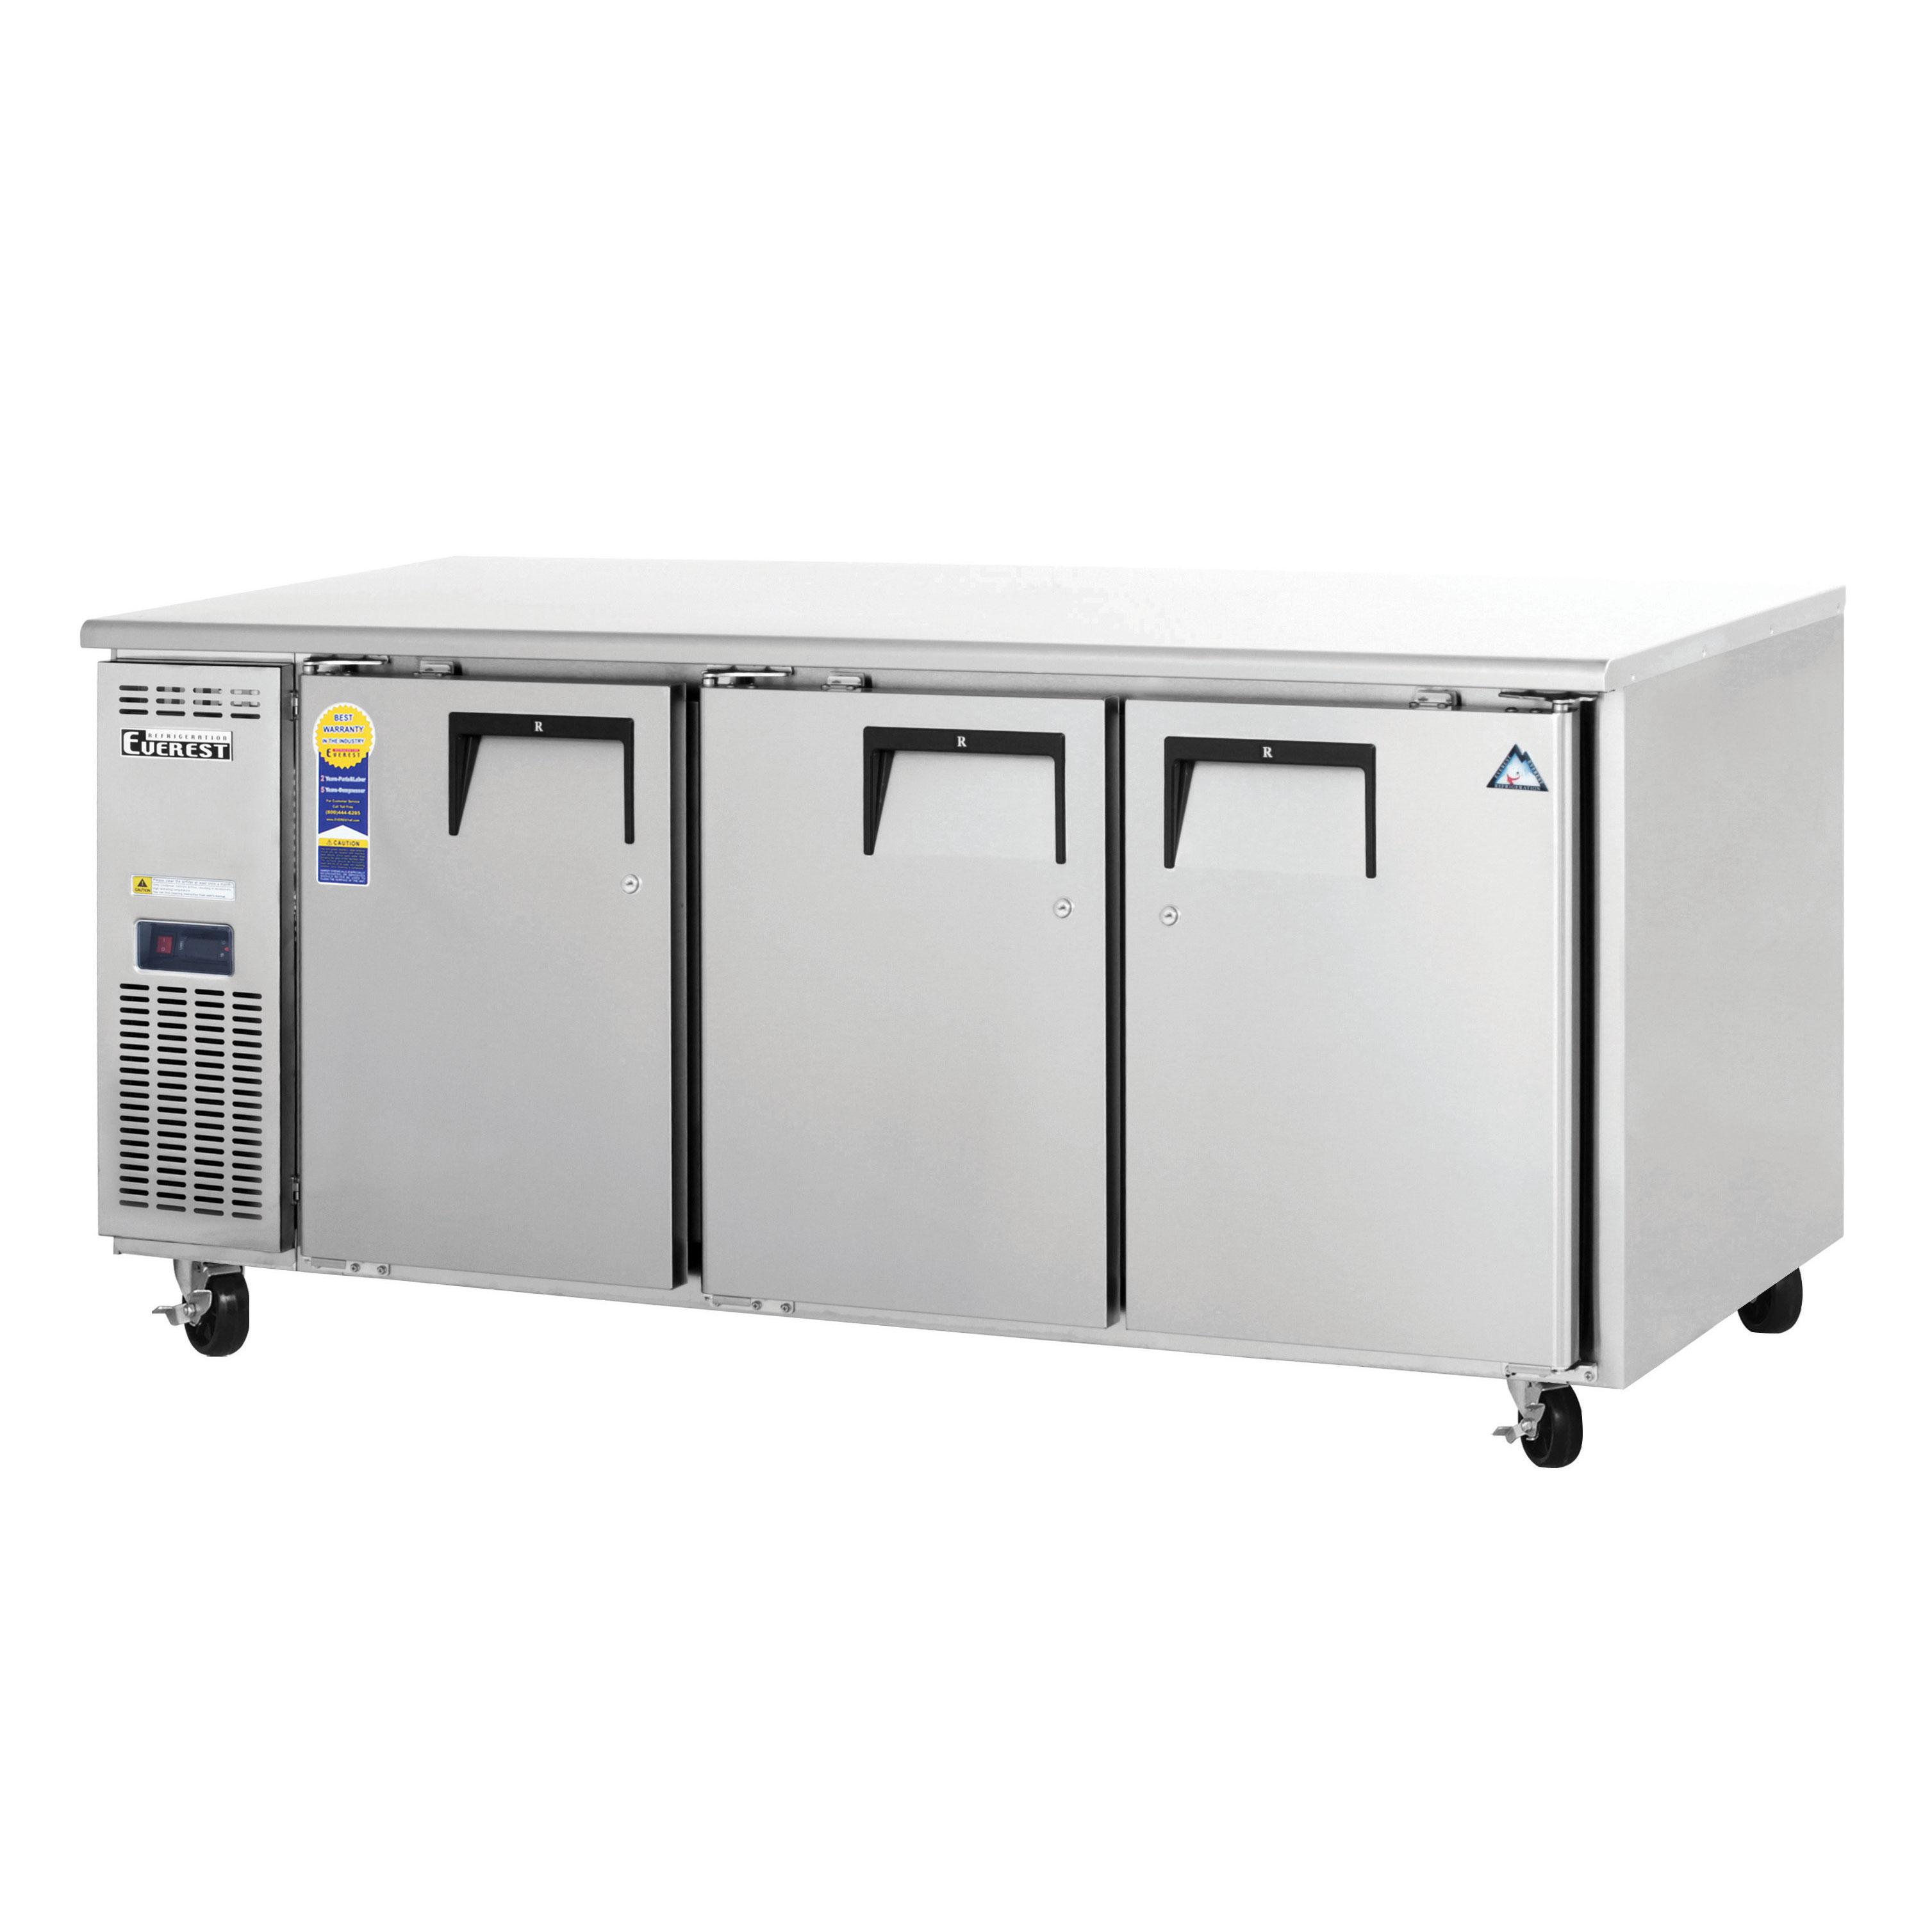 Everest Refrigeration ETF3 freezer, undercounter, reach-in